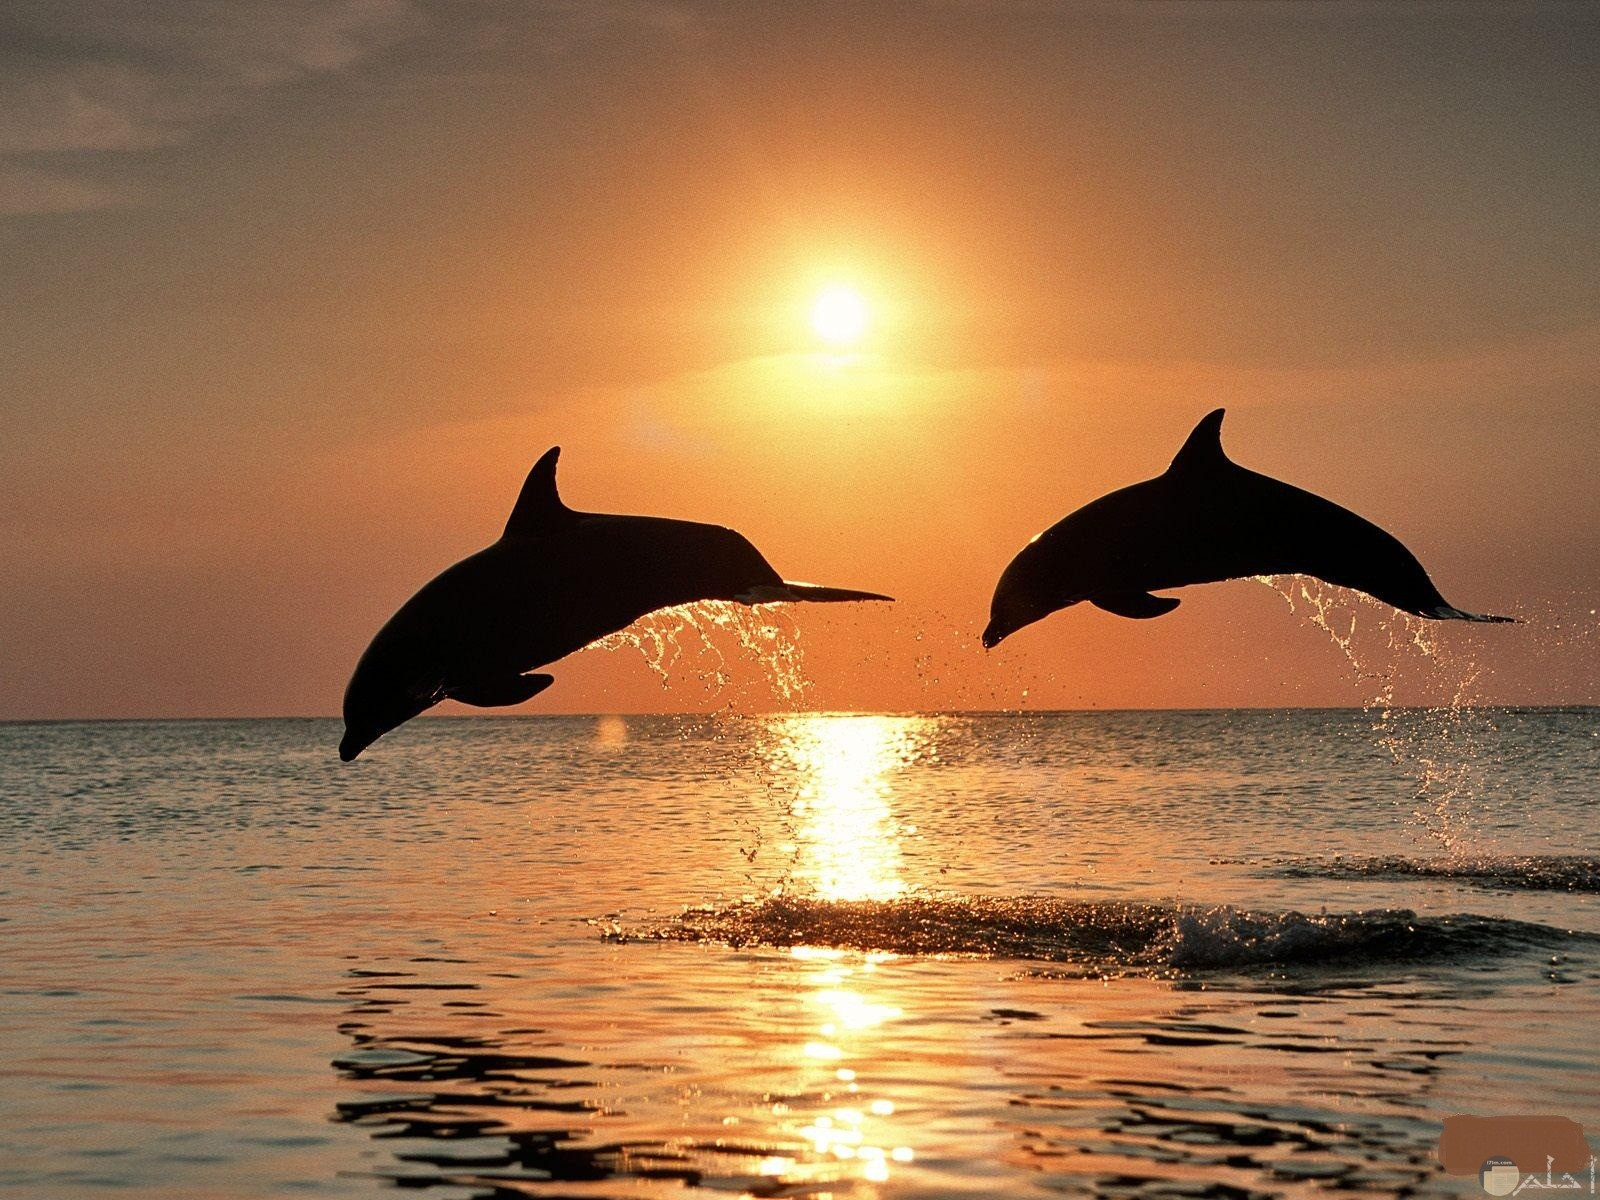 سمكتان كبيرتان يسبحان بالبحر.